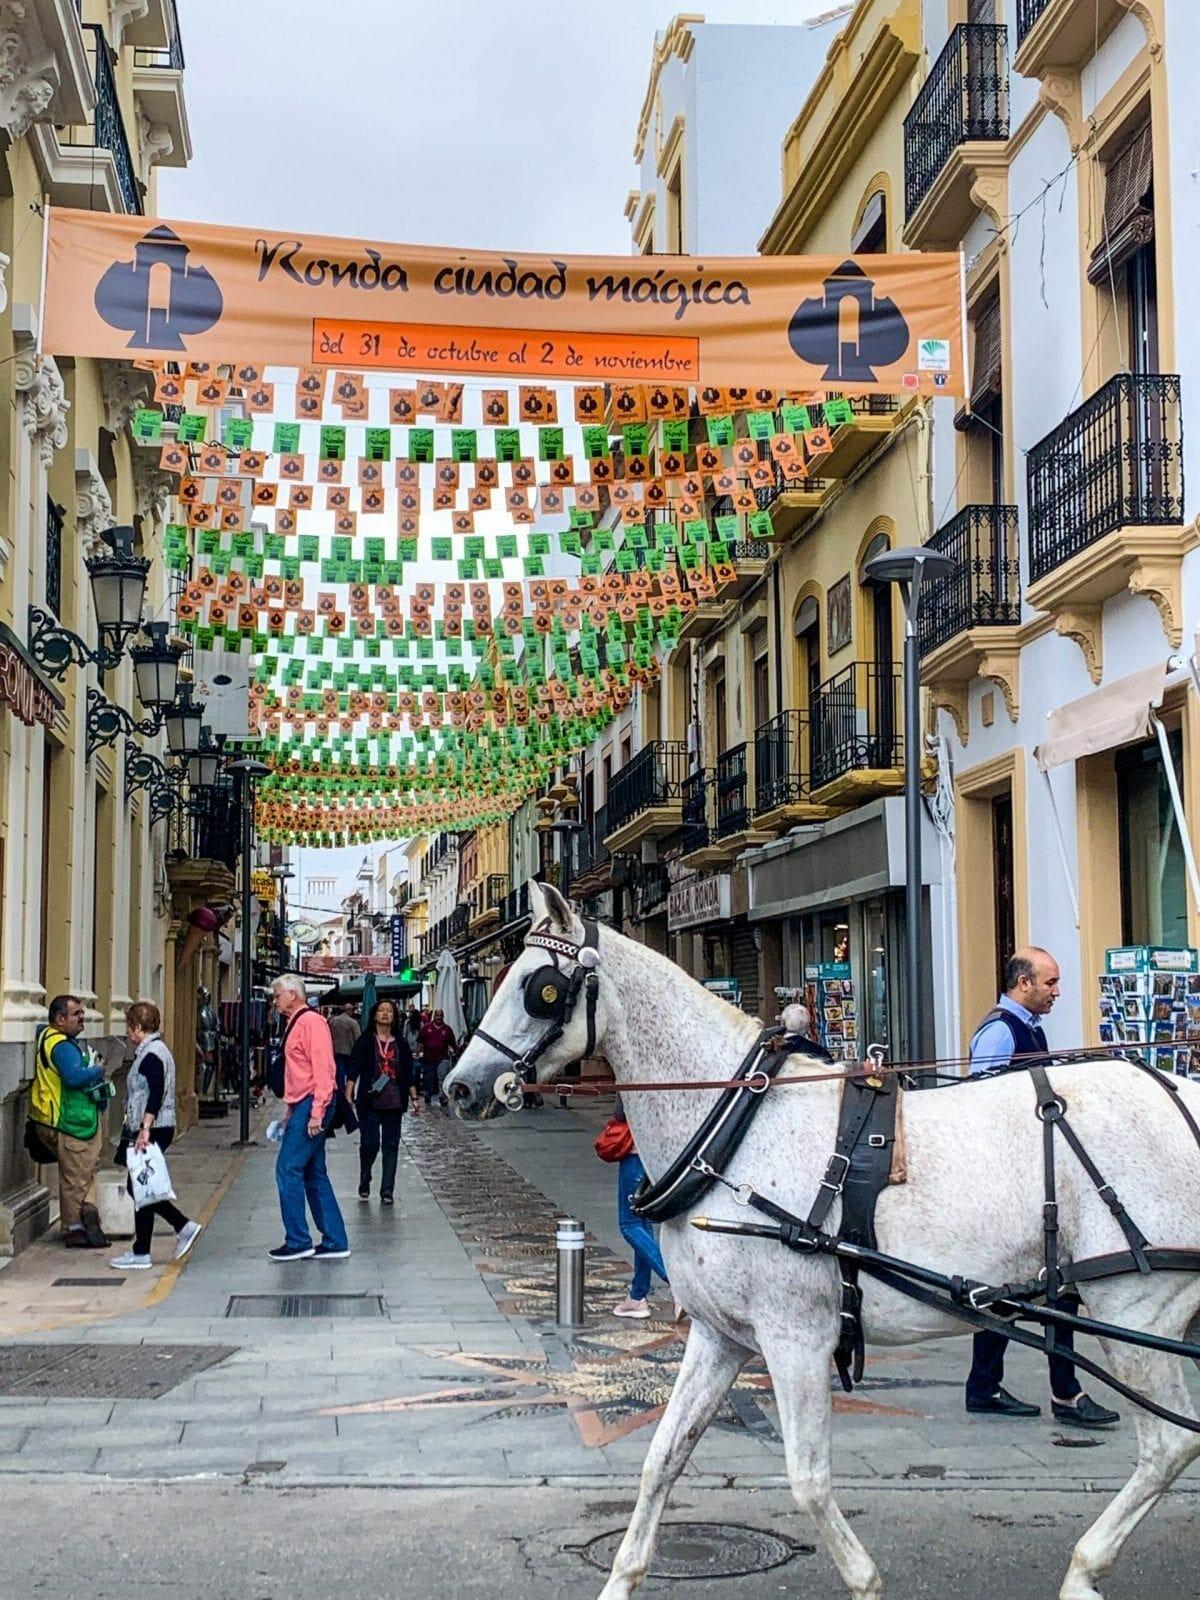 Carriage ride anyone? Ronda Spain